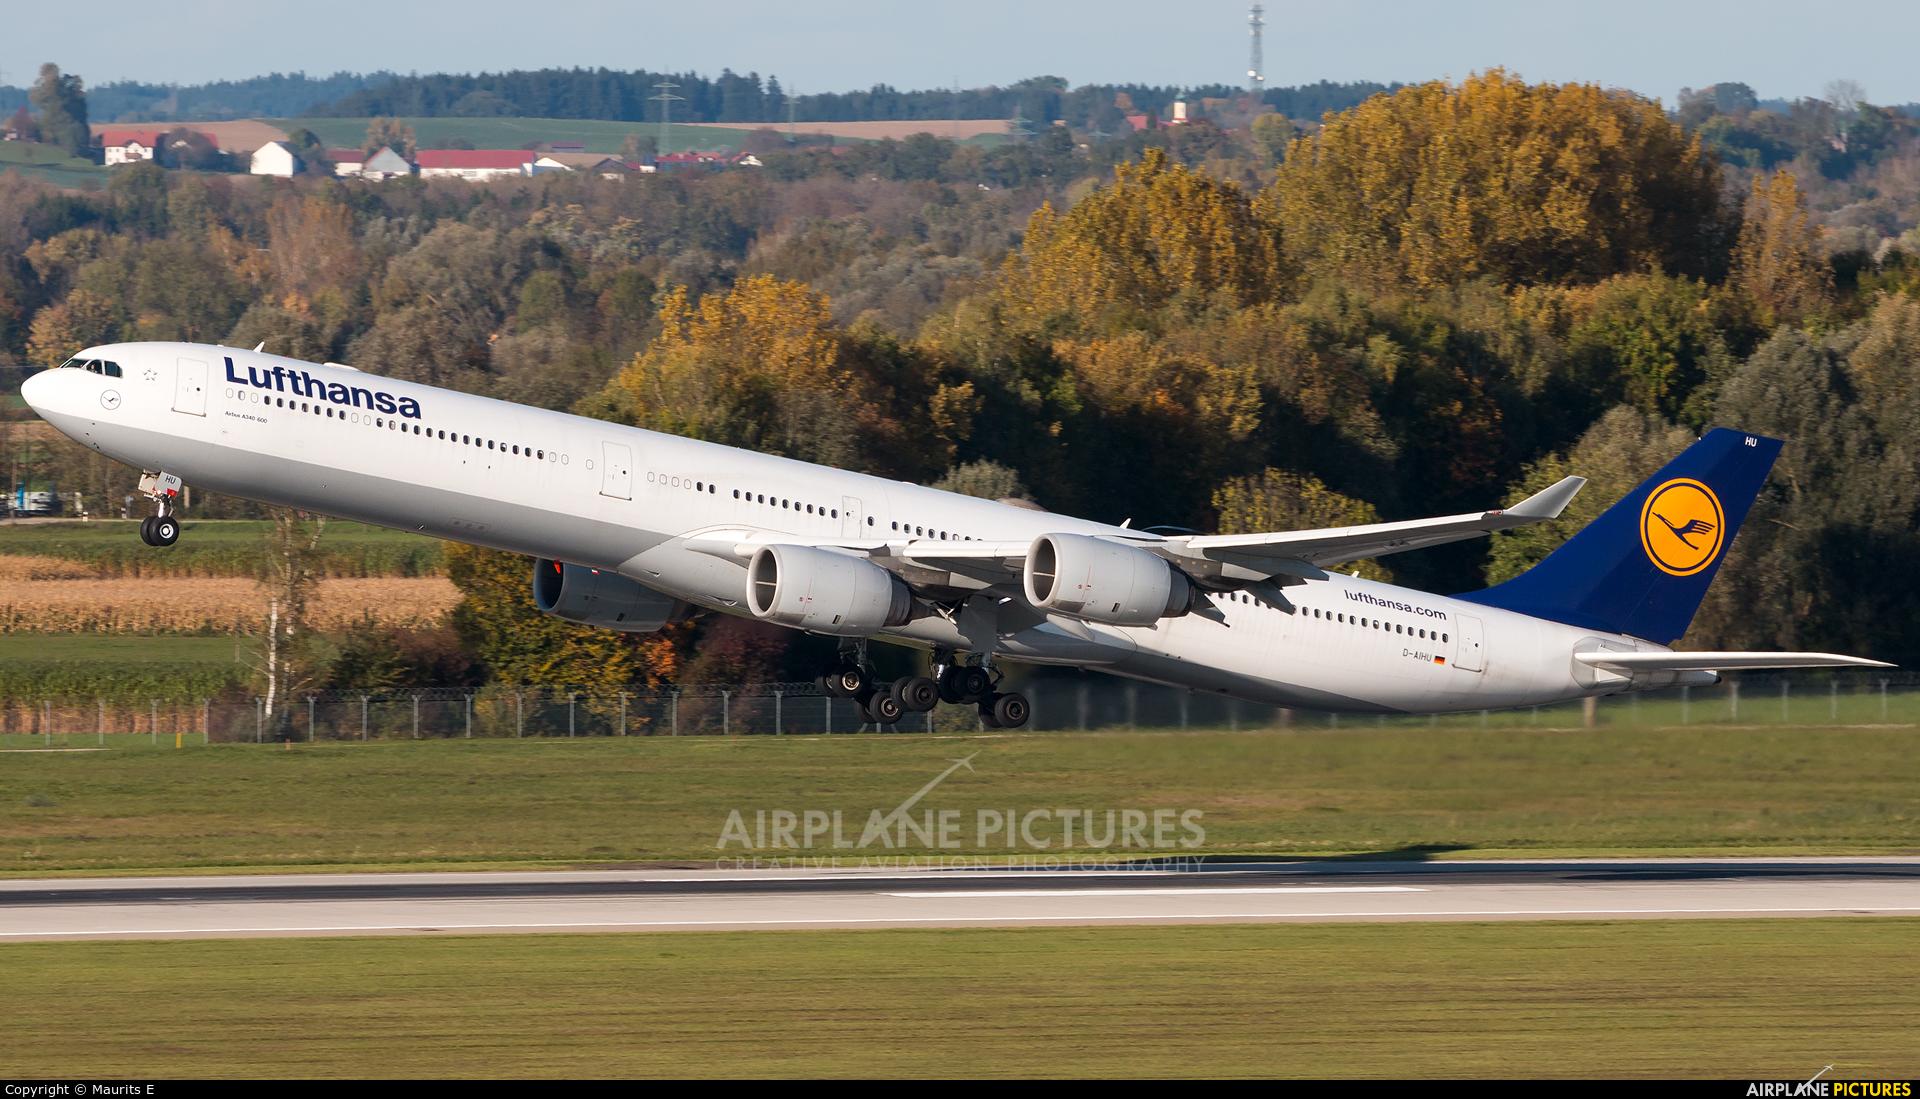 Lufthansa D-AIHU aircraft at Munich